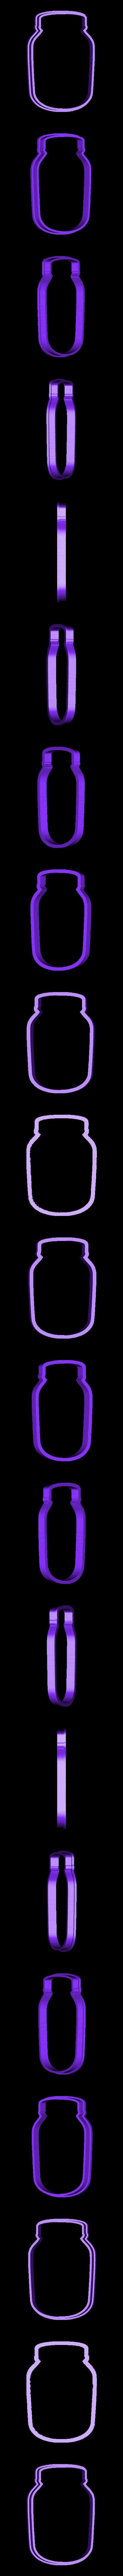 frasco.stl Download STL file cookie jar • 3D printable model, LeandroDevincenzi